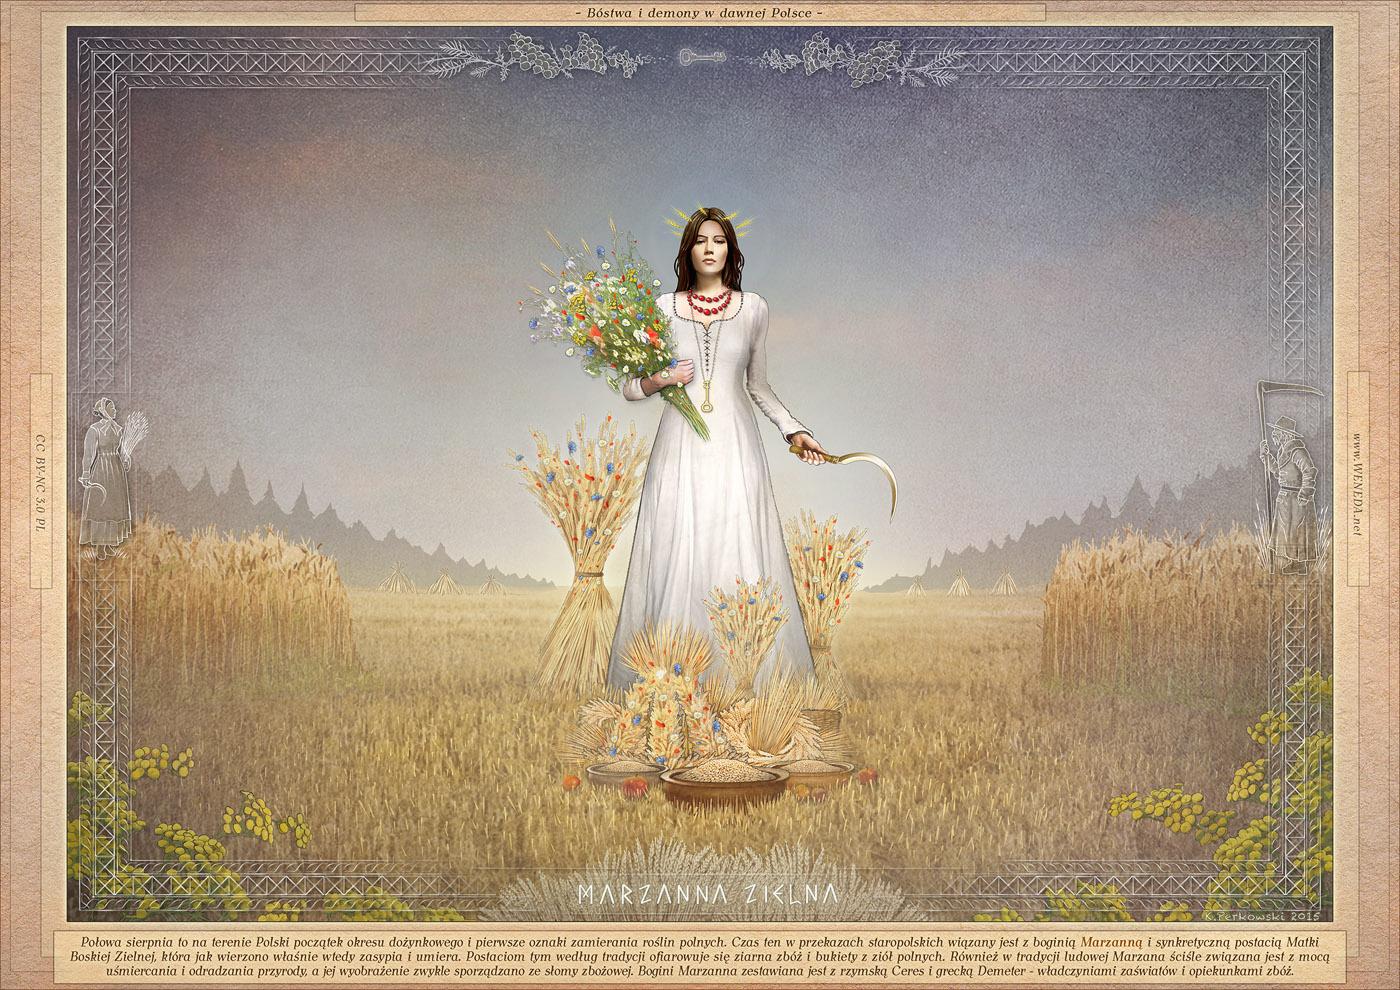 bogini polska, Marza, pani życia i śmierci, żniwa, słowiańskie wierzenia